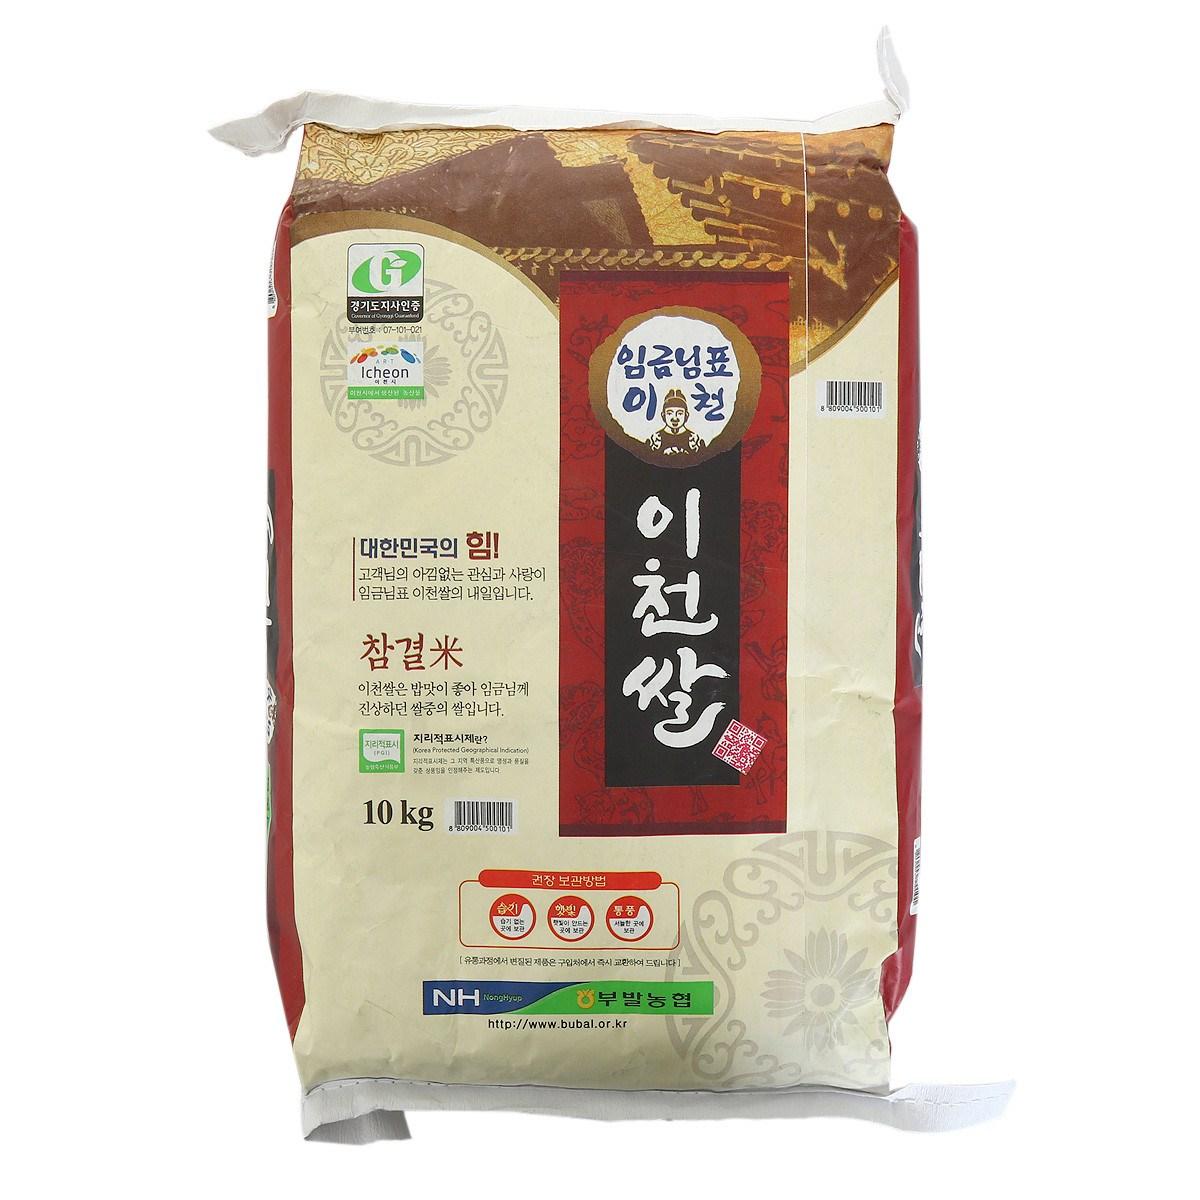 임금님표 이천쌀 10kg, 1개